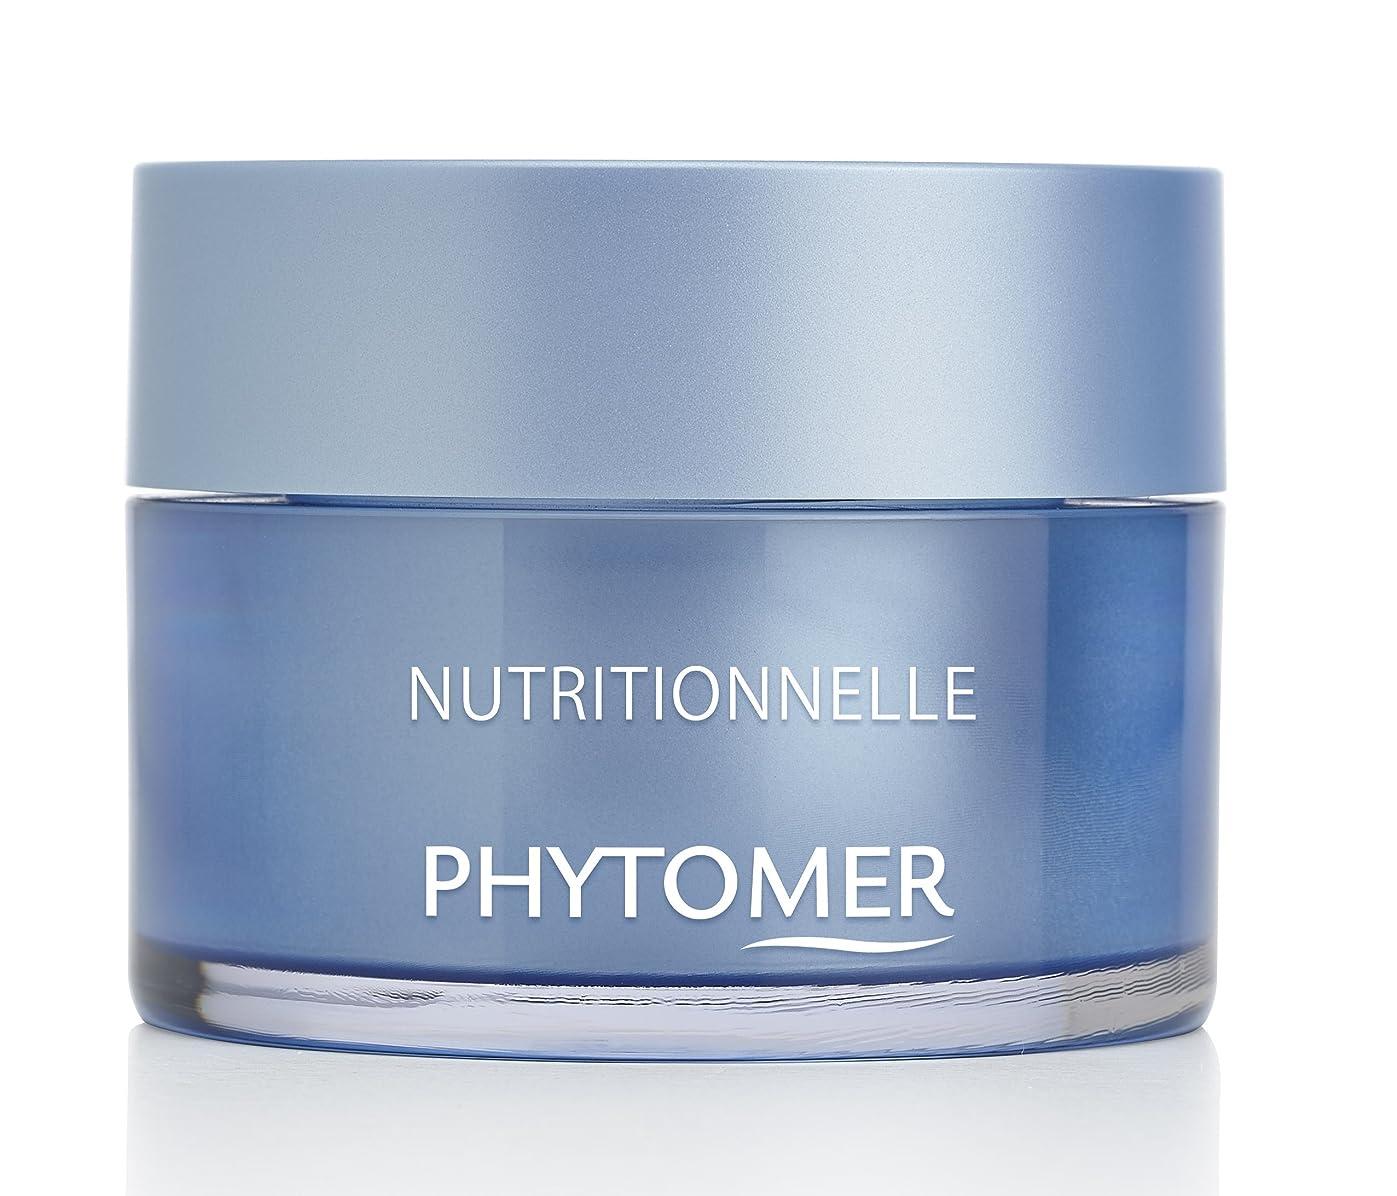 差し控えるドアミラーマイクPhytomer Nutritionnelle Dry Skin Rescue Cream 50ml並行輸入品